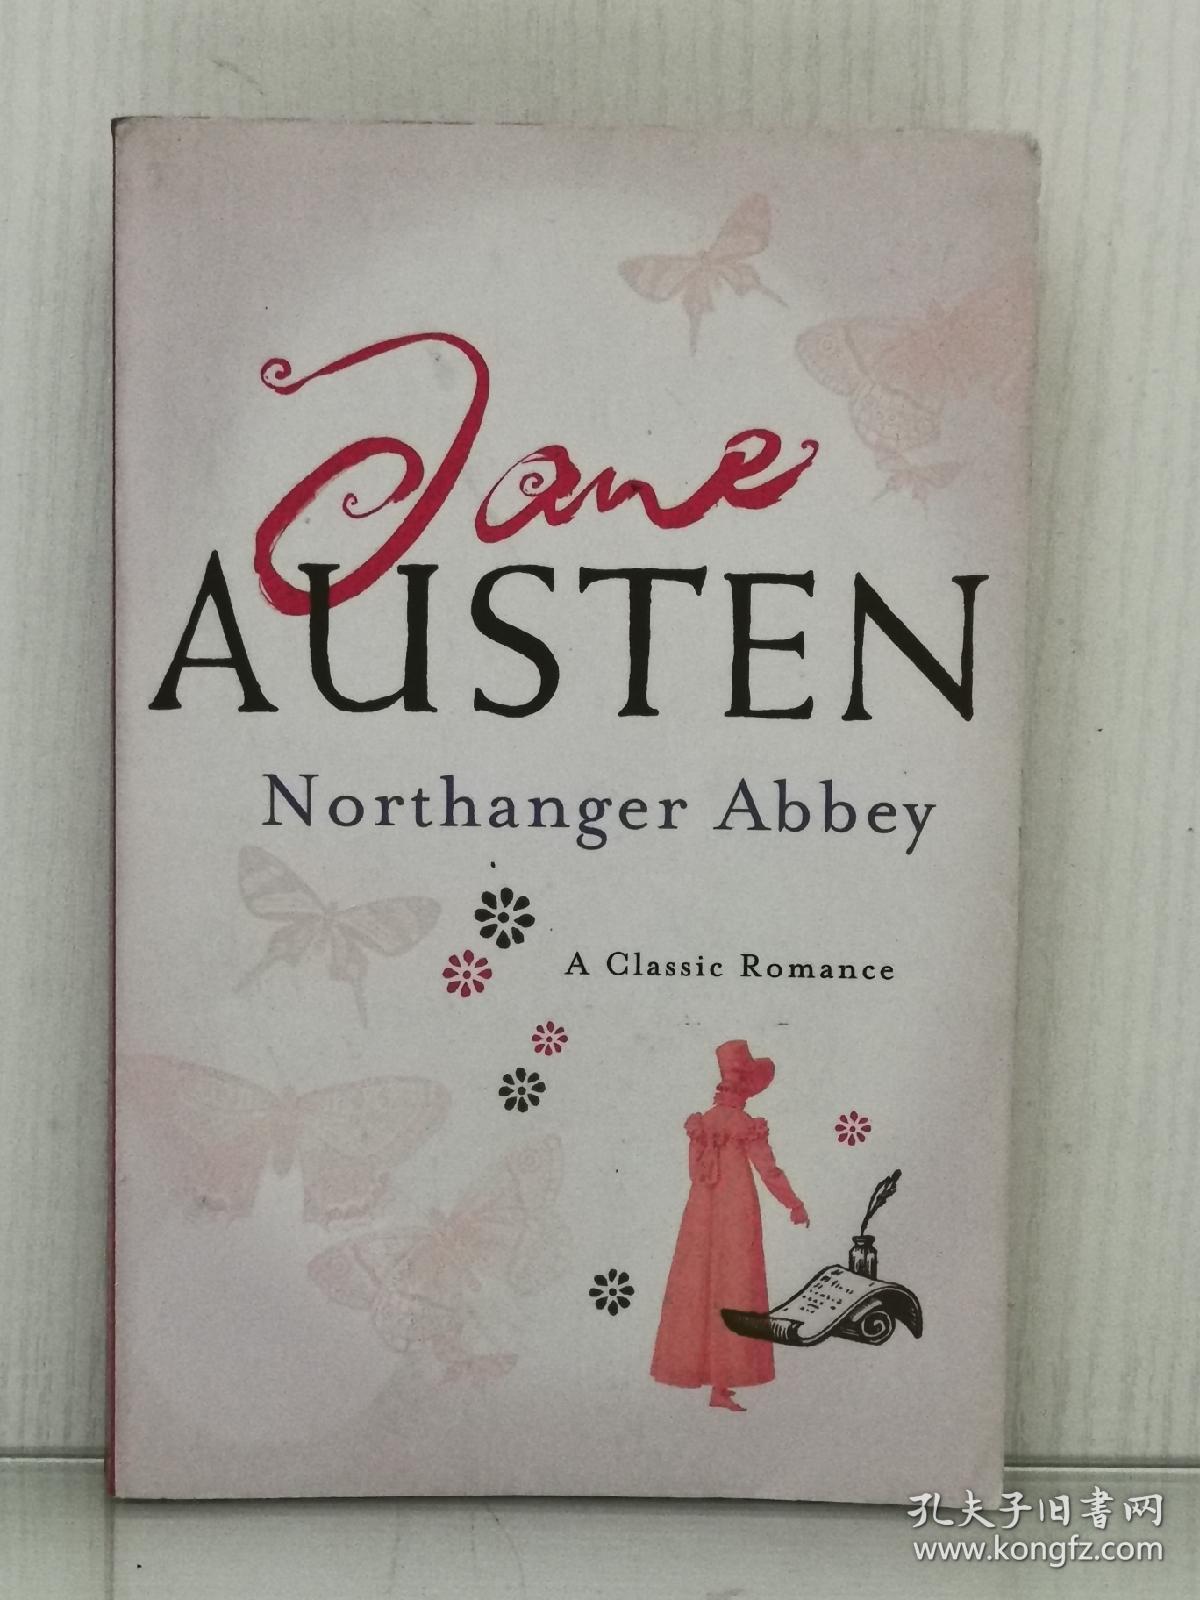 简·奥斯汀 《诺桑觉寺》Northanger Abbey by Jane Austen [ Headline 版 ] (英国文学经典)英文原版书